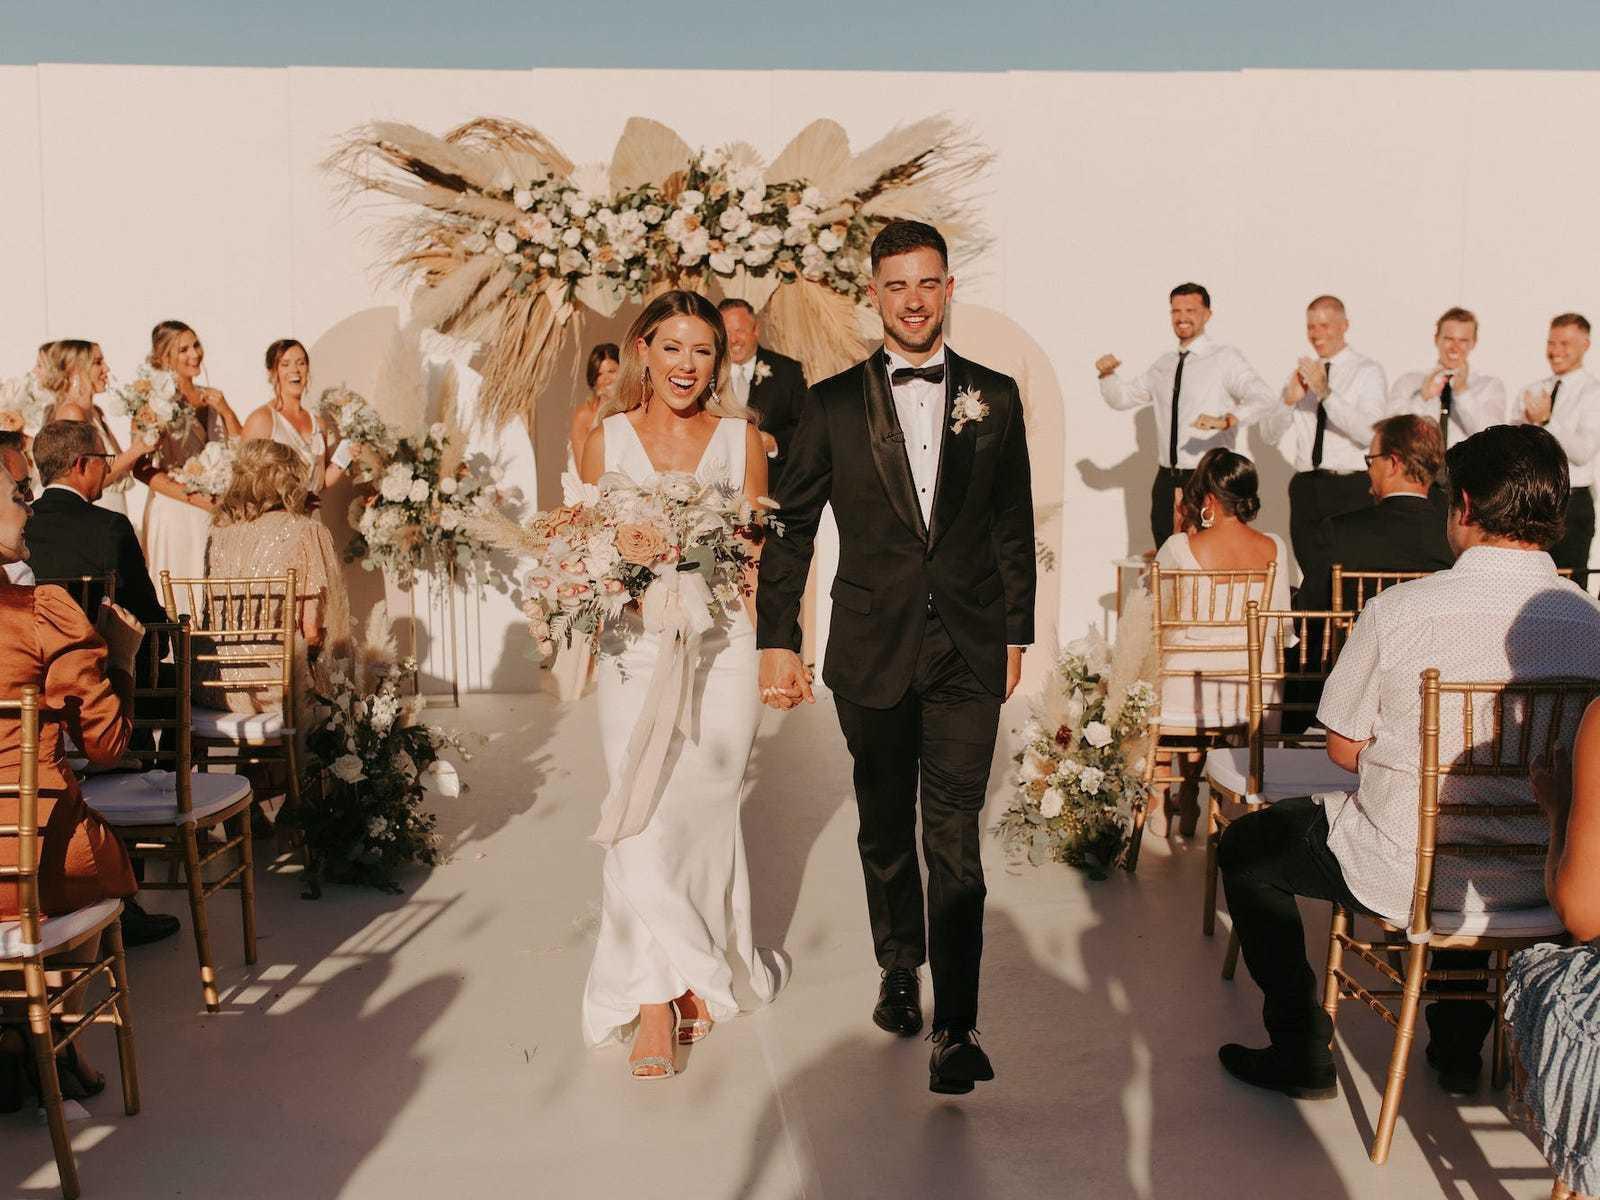 Mùa cưới rộn ràng trở lại tại Mỹ Ảnh 1